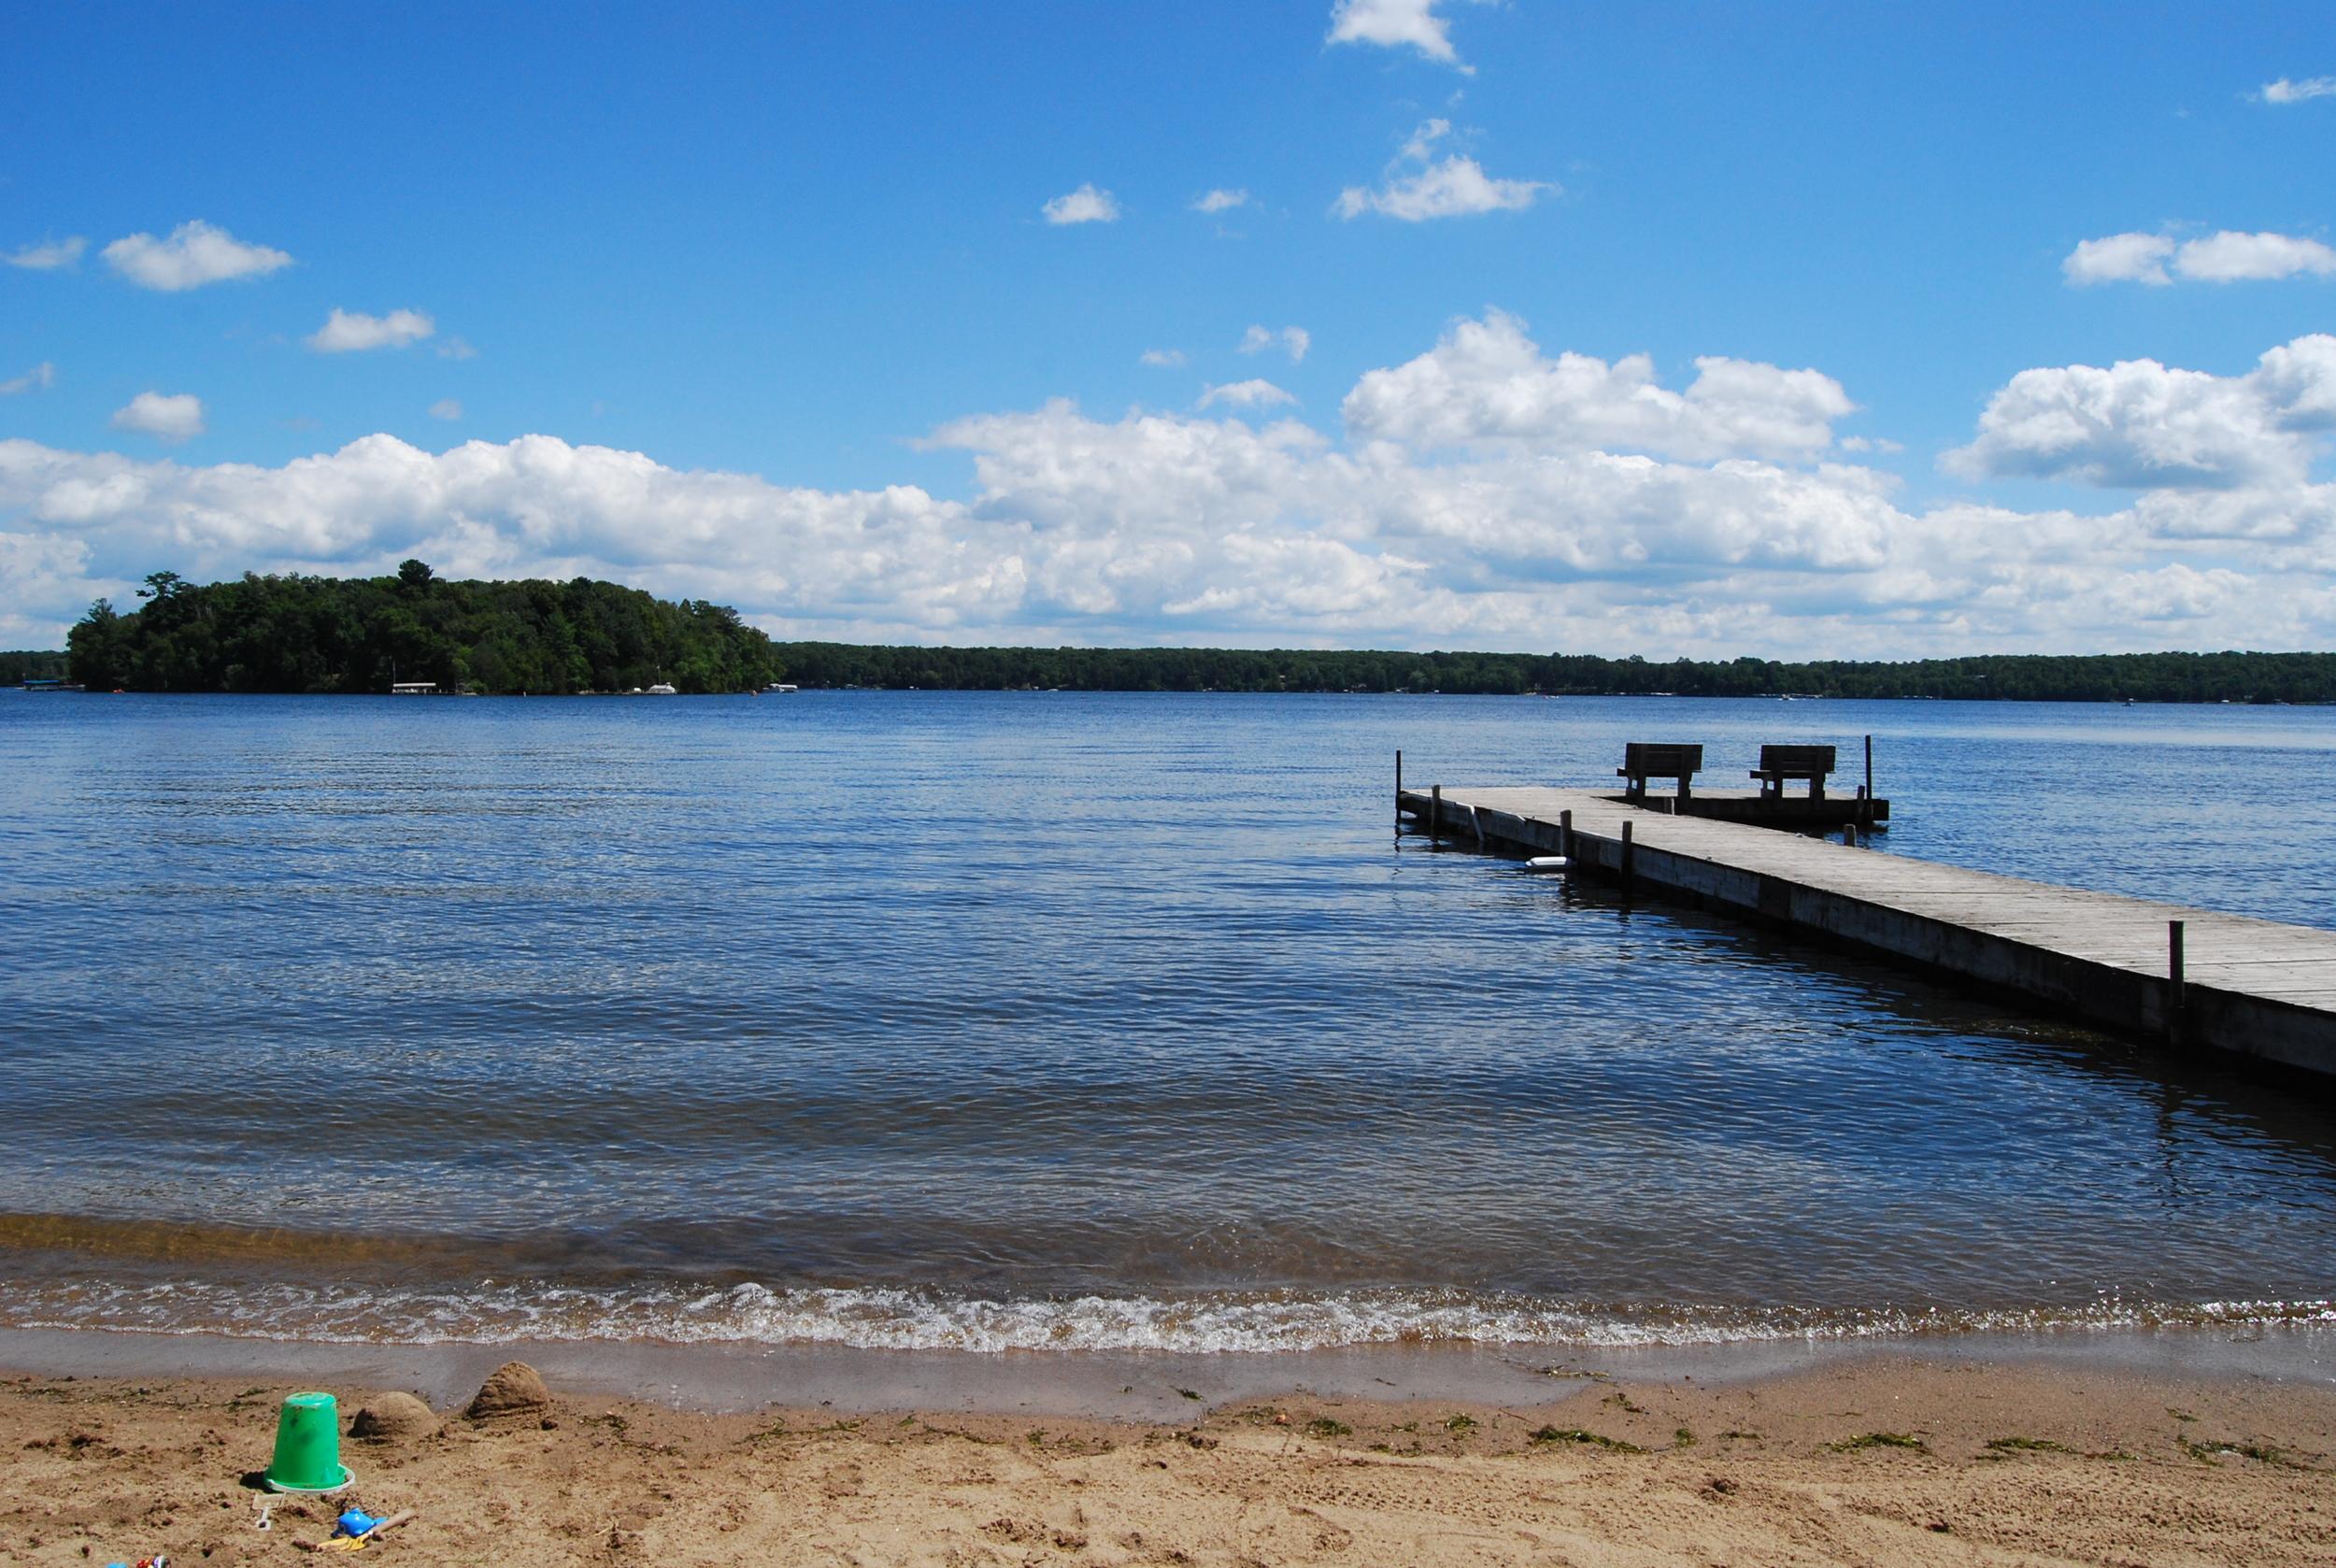 Madden's Resort on Gull Lake